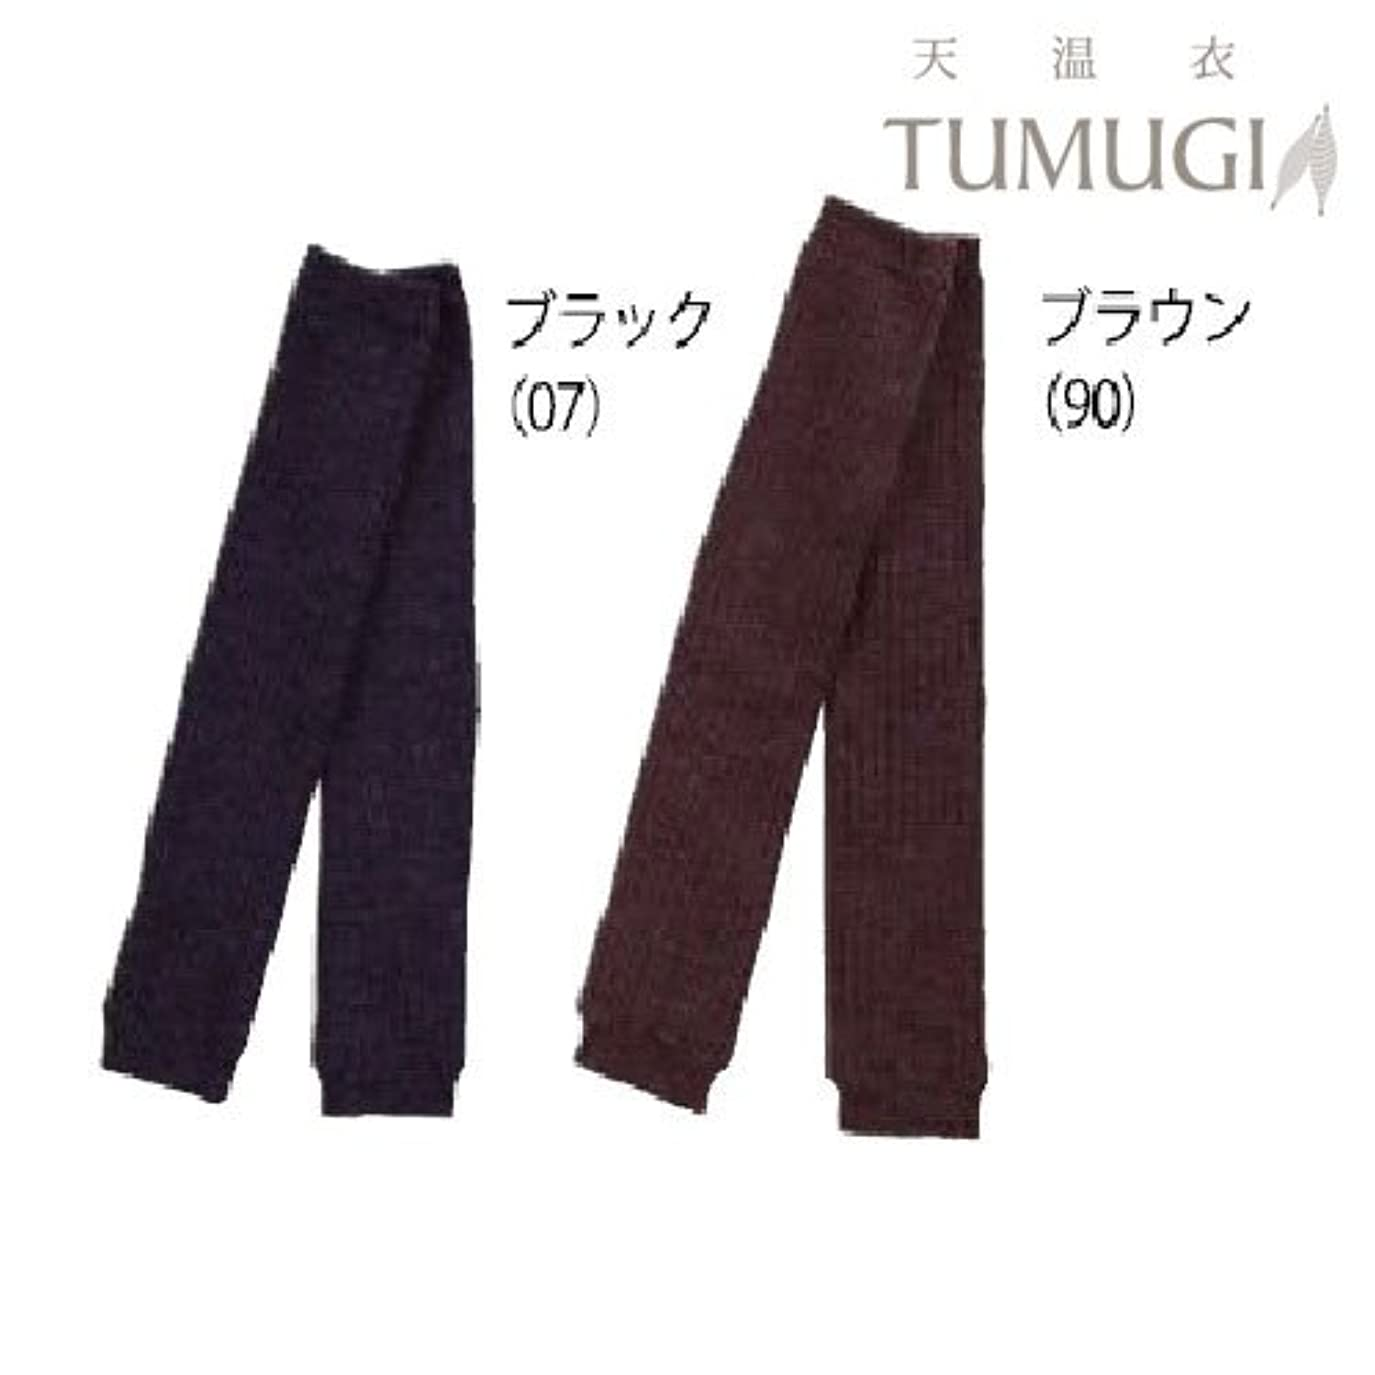 脚本ローブ約天温衣TUMUGI  ウールとシルクの2重編みレッグウォーマー (ブラウン(茶))